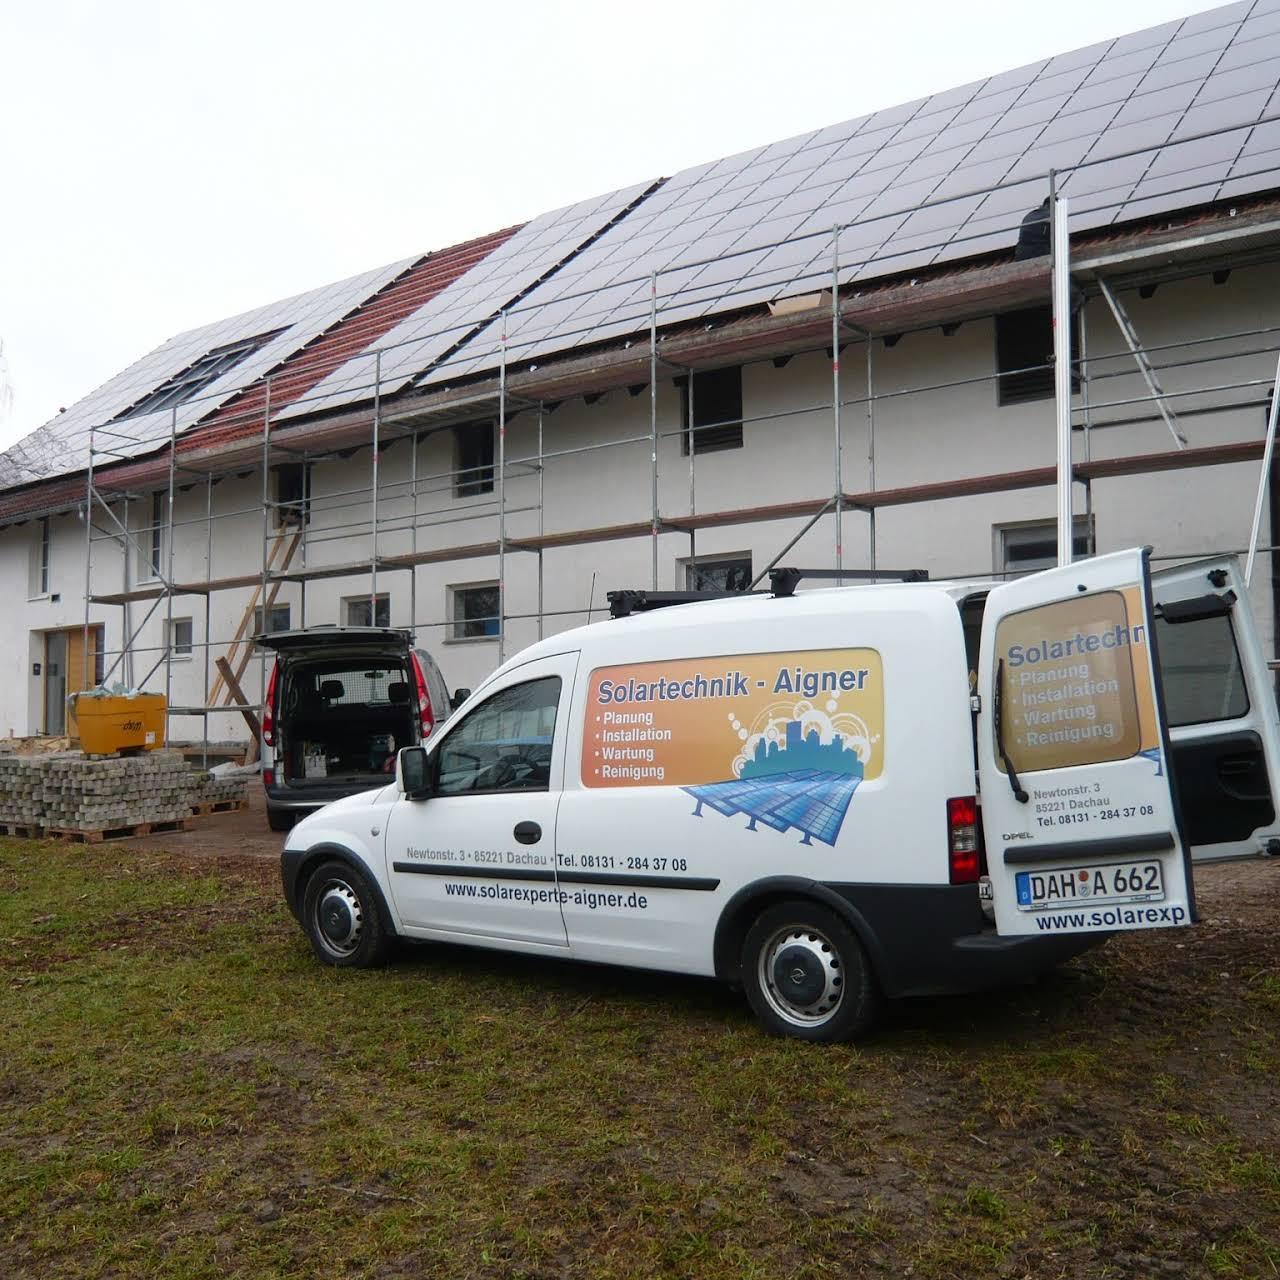 verschiedene Stile Discounter bester Verkauf Photovoltaik - Aigner - Ihr Fachbetrieb für Photovoltaikanlagen ...